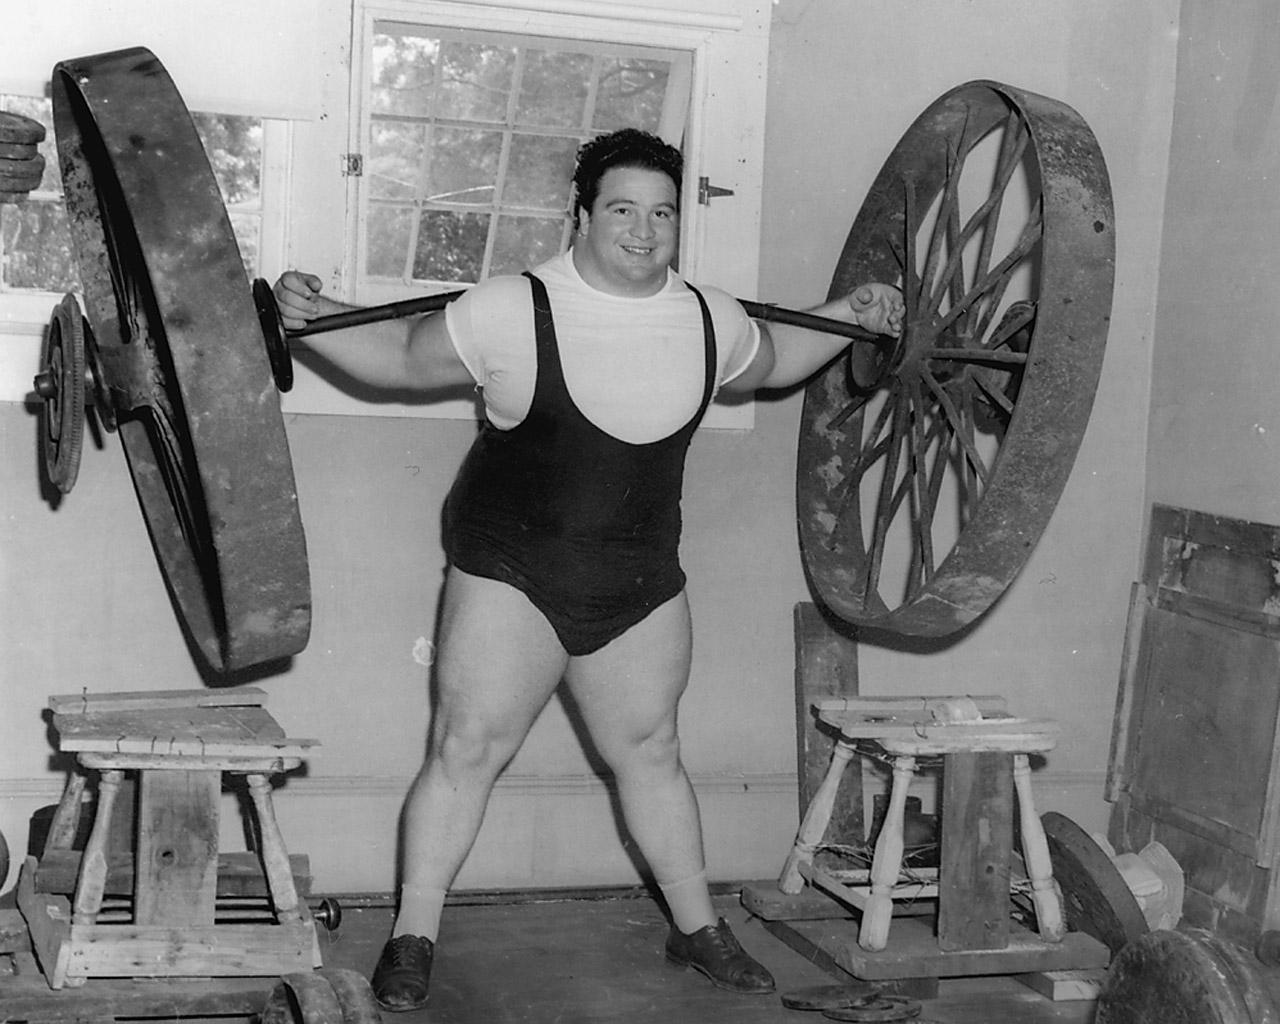 träningsprogram styrkelyft